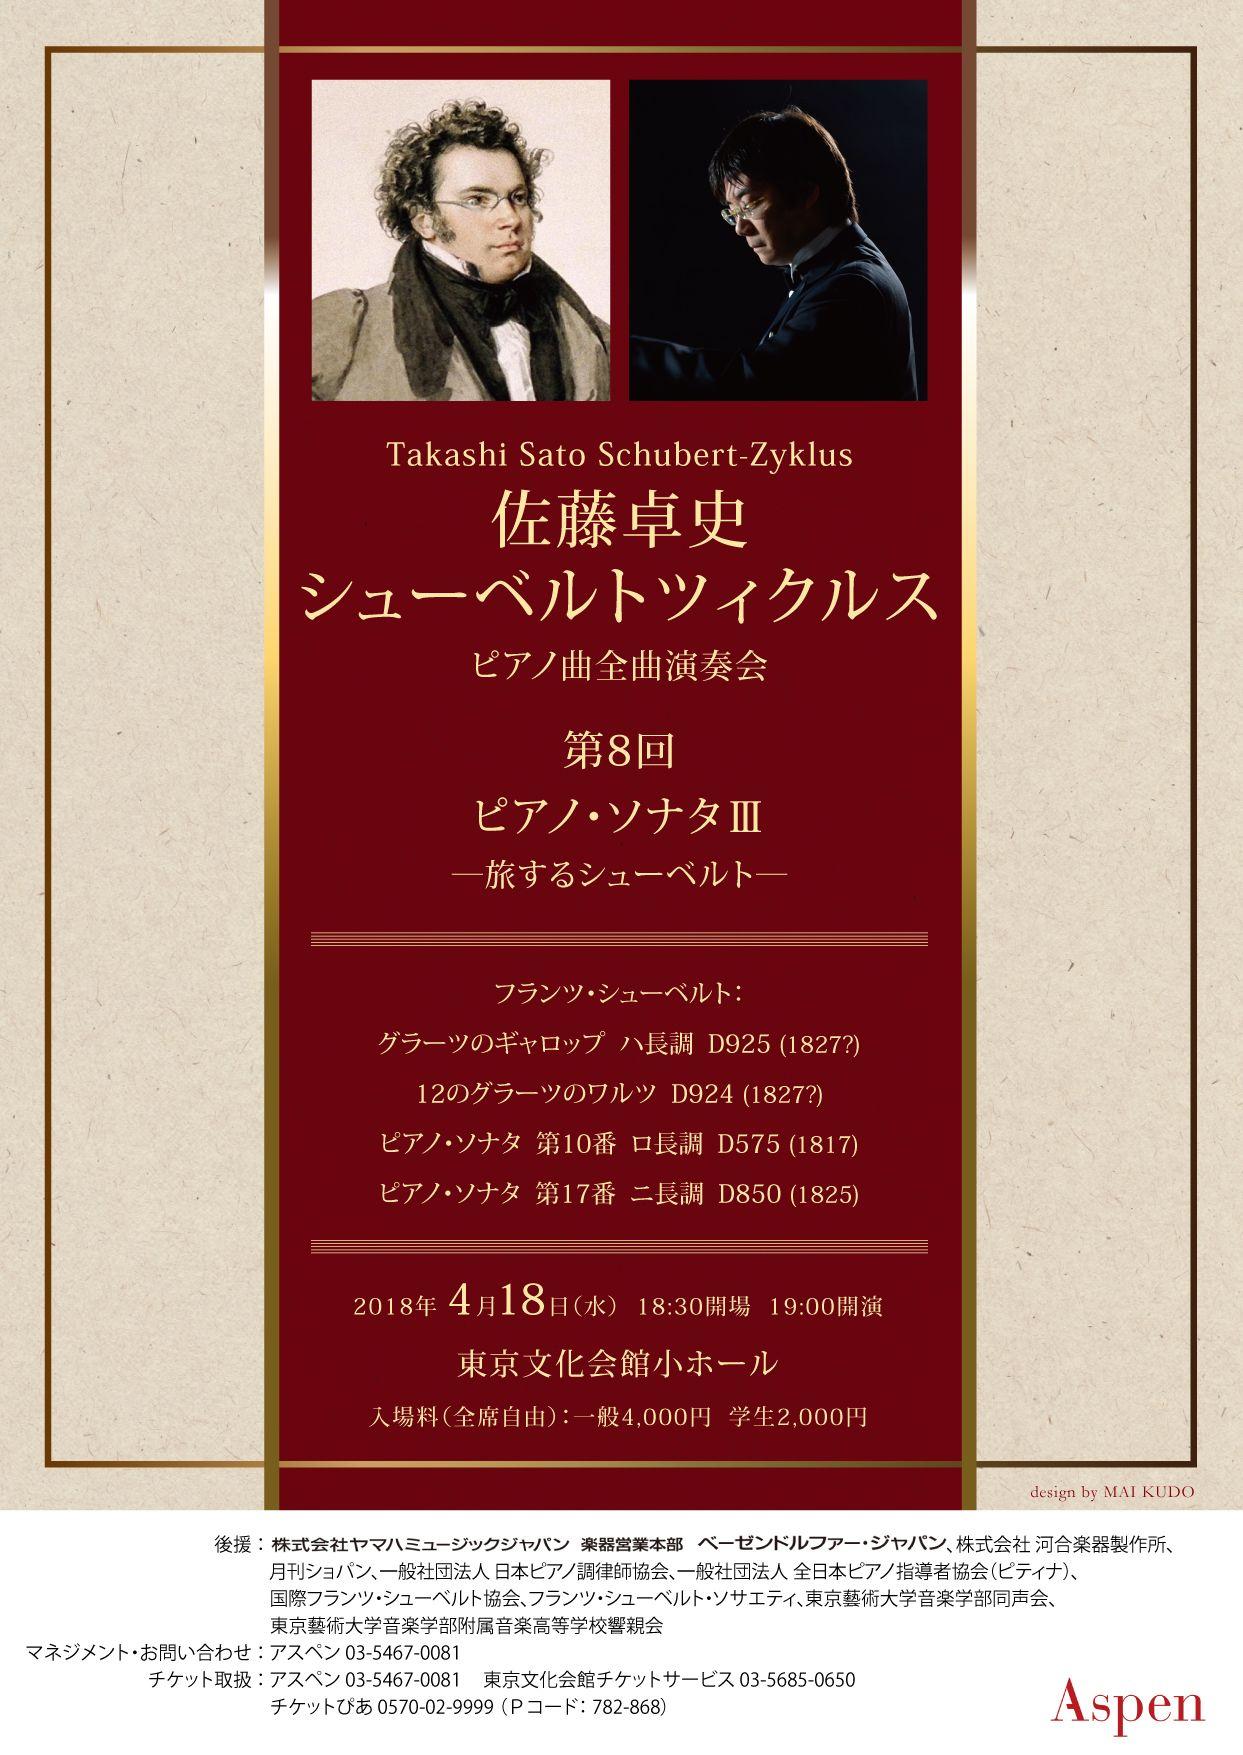 佐藤卓史シューベルトツィクルス  「第8回 ピアノソナタⅢ ‐旅するシューベルト‐ 」